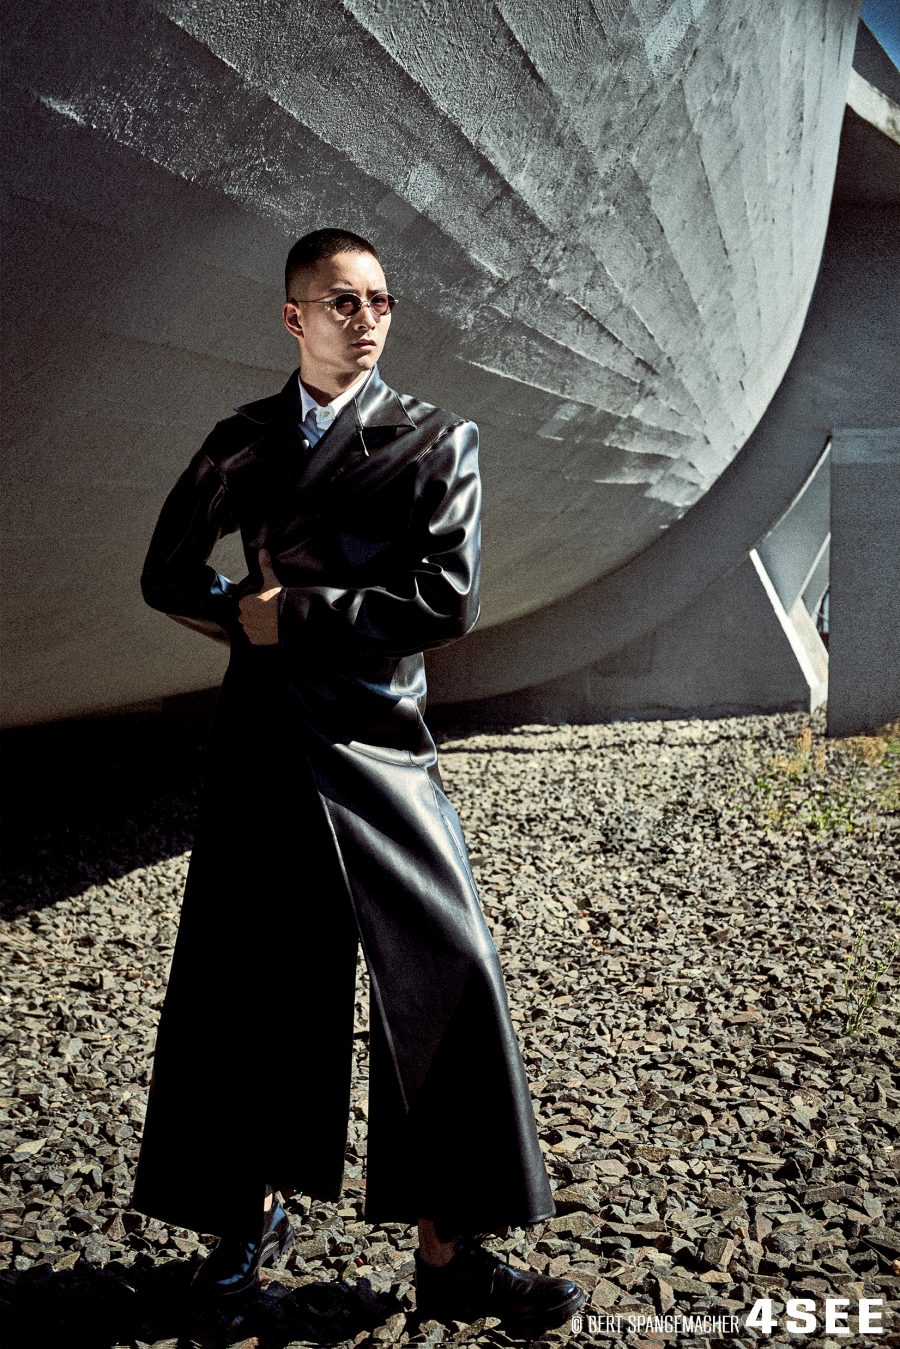 Sonnenbrille von YUICHI TOYAMA WASSILY Mantel privat, Hemd von RAF by Raf  Simons, Hose